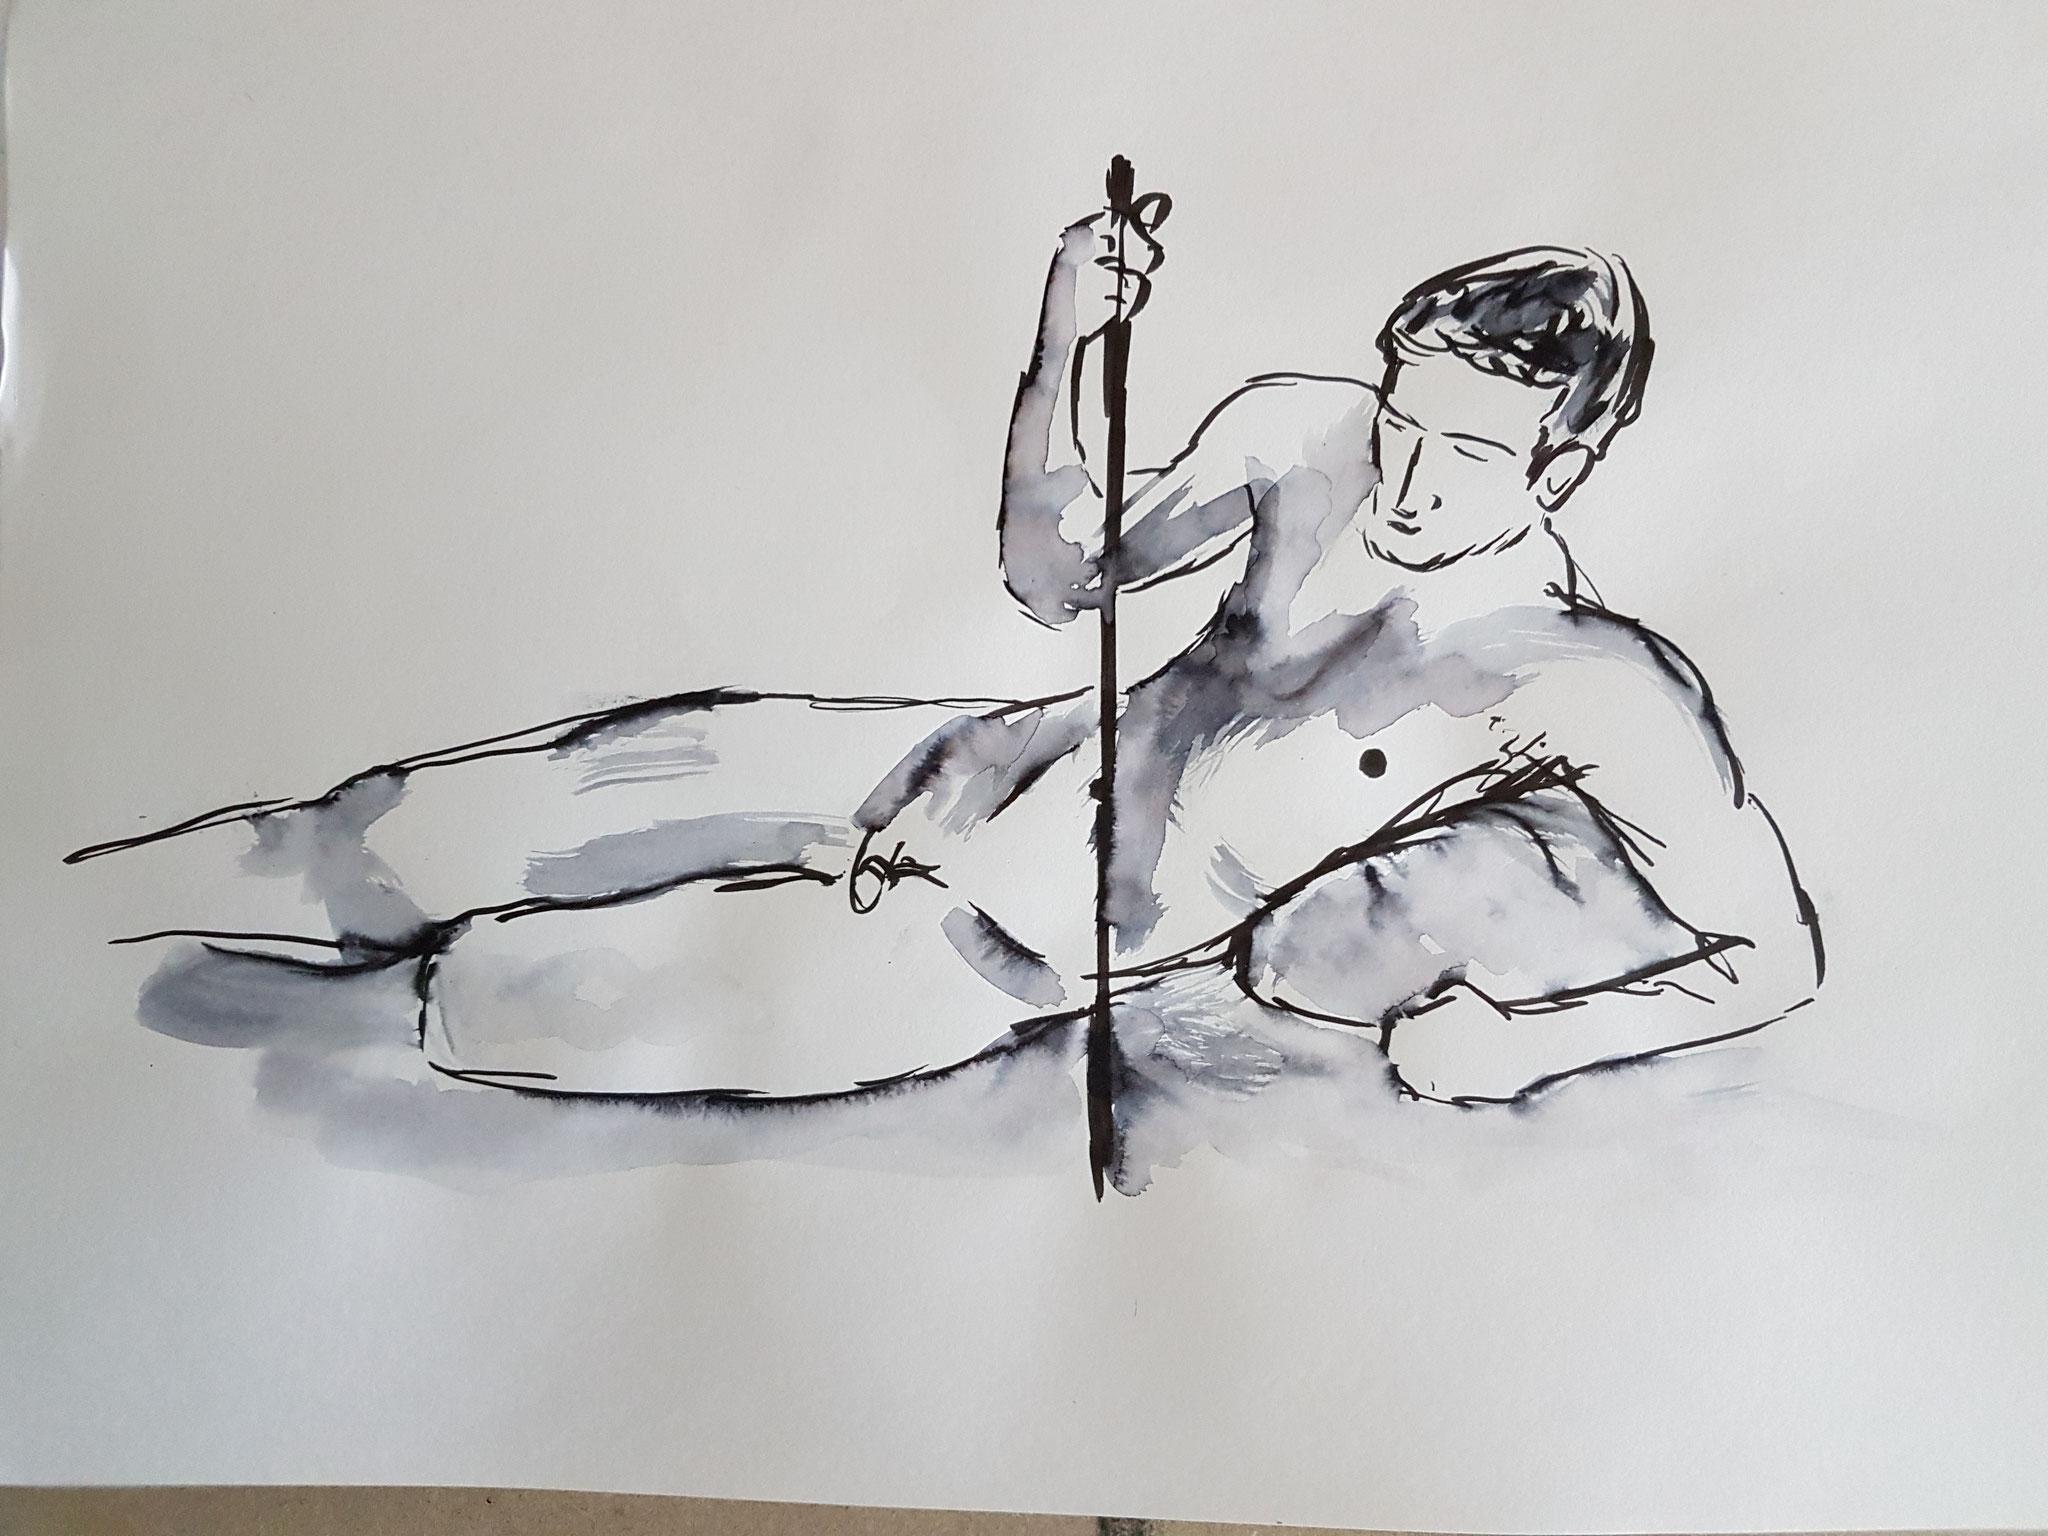 sterbender Krieger, Filzstift, 2017